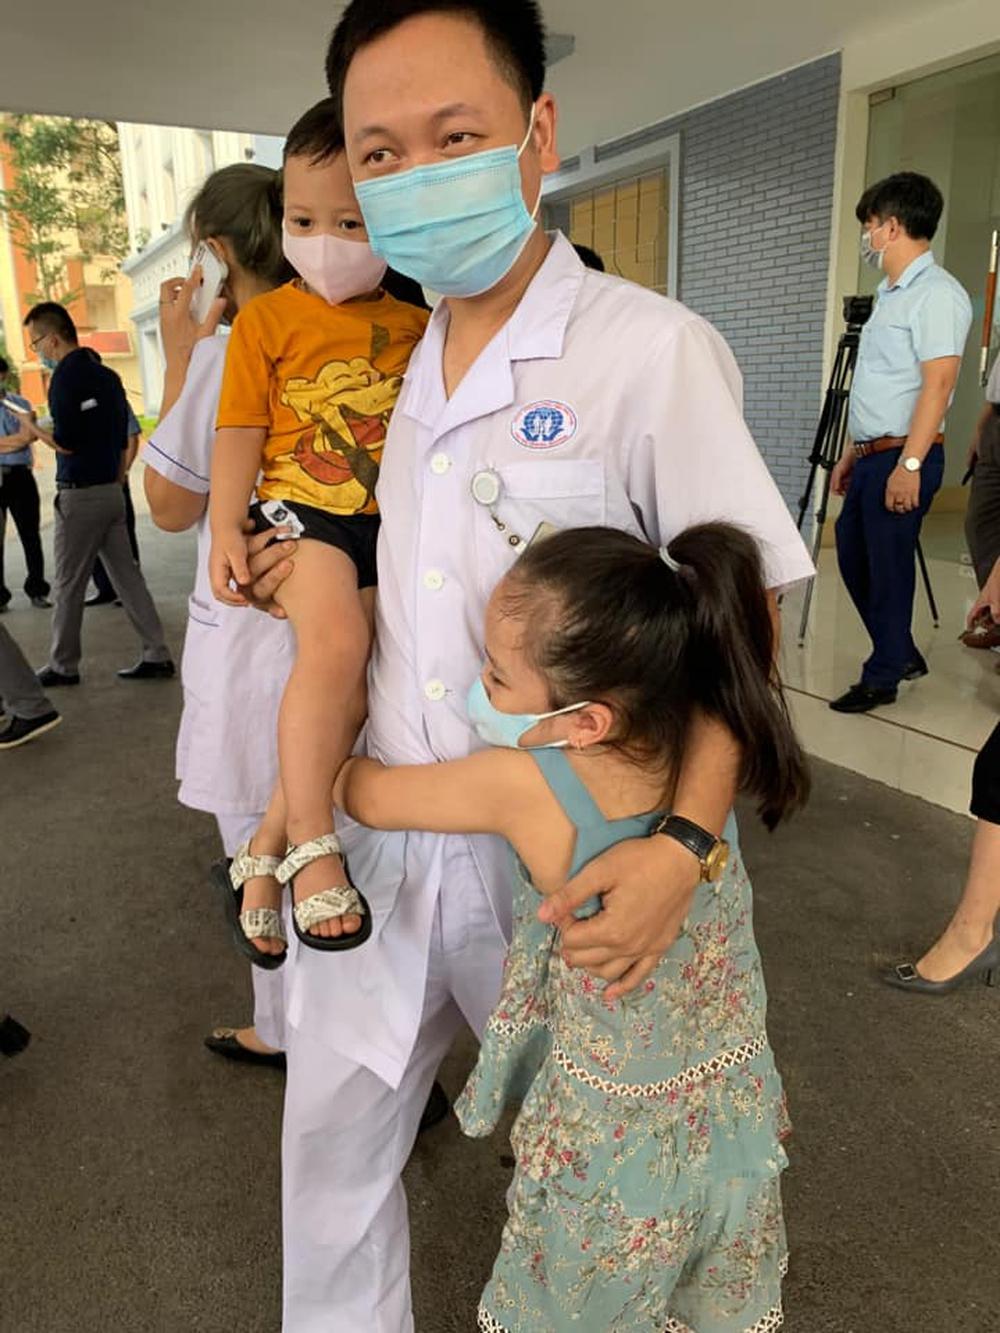 Bố tới Bắc Giang chống dịch, hai con khóc ôm mãi không rời: Người đàn ông mạnh mẽ đã rơi nước mắt - Ảnh 2.